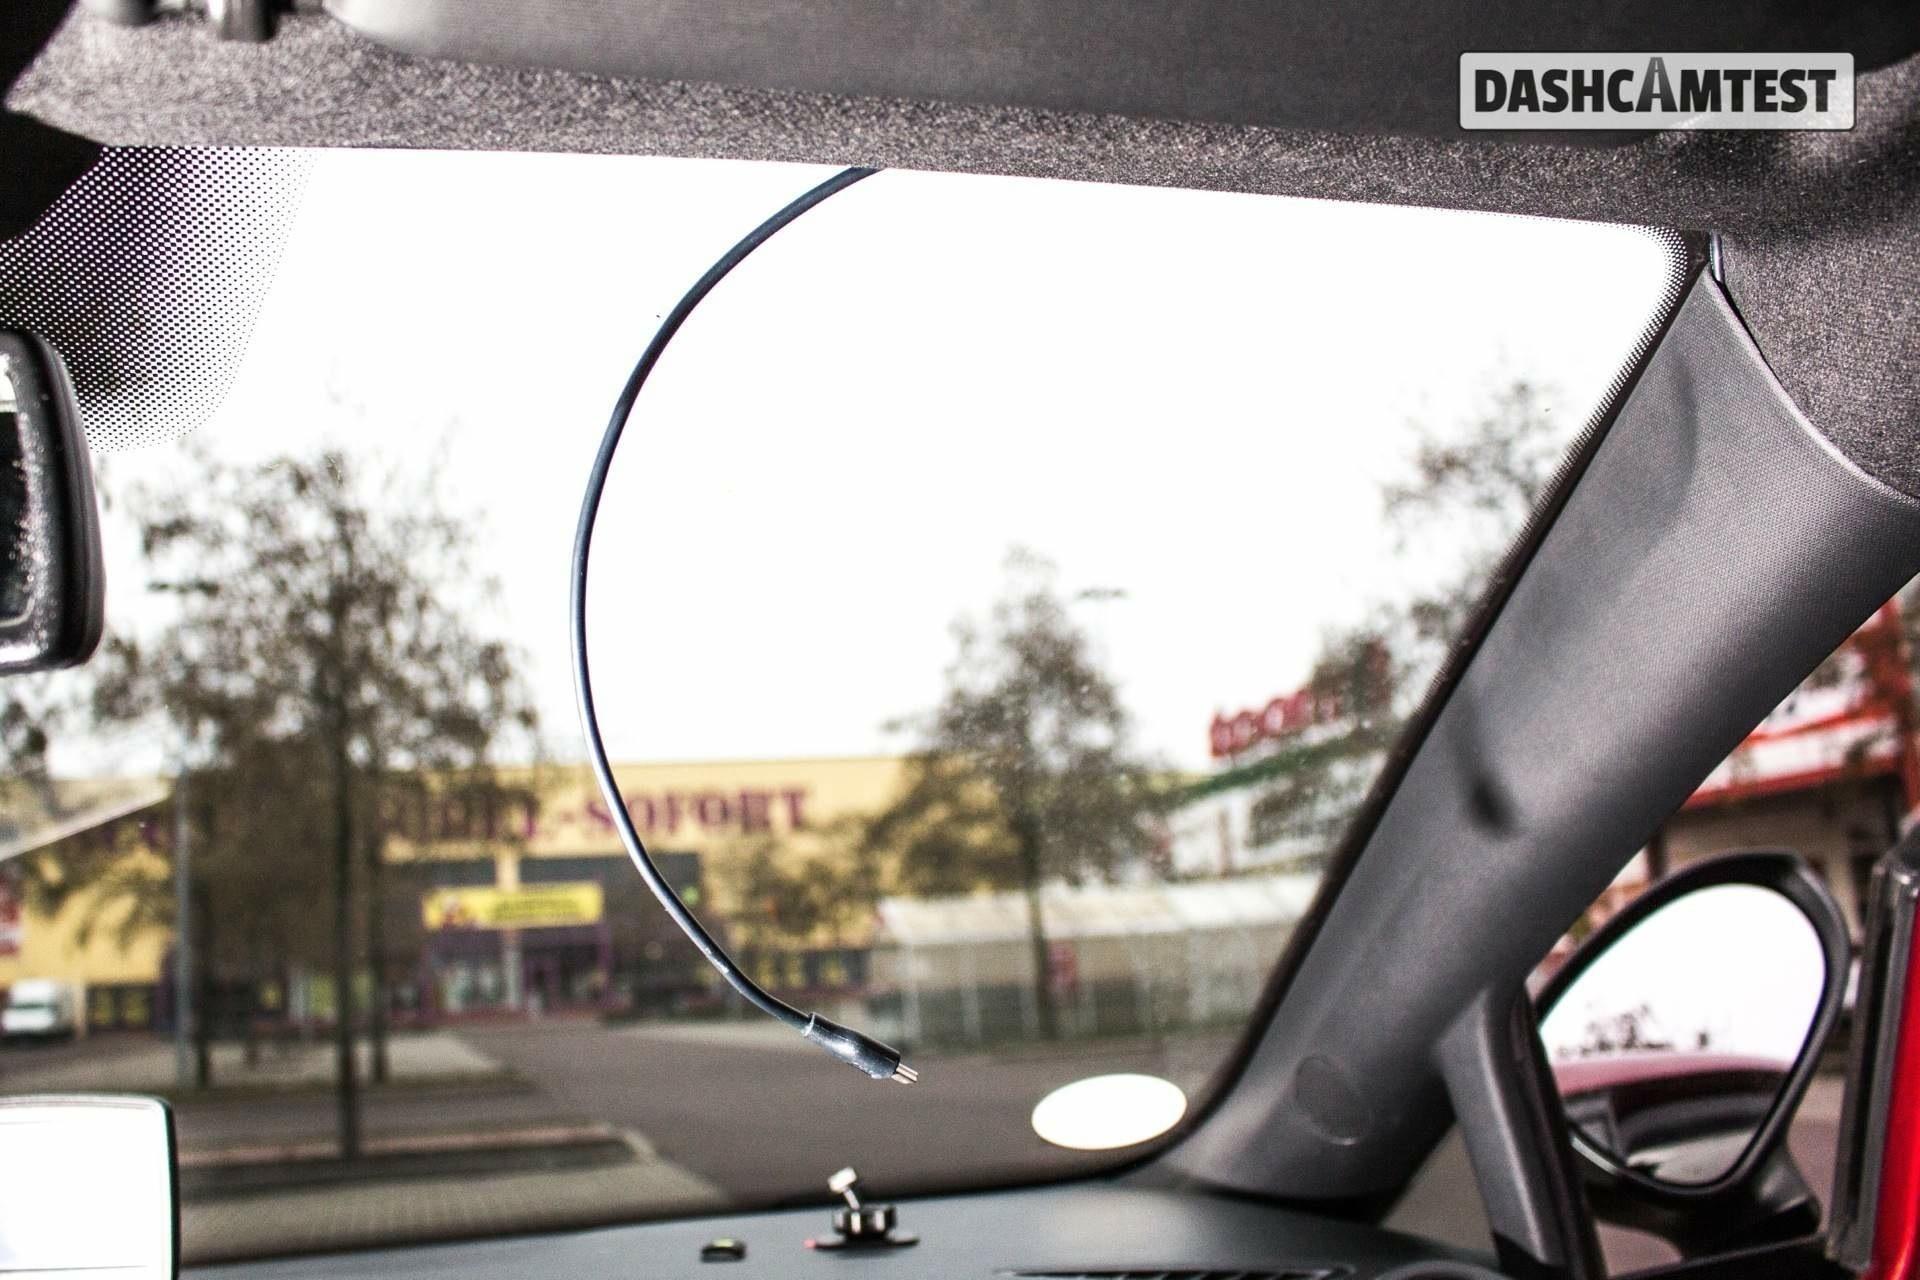 Anleitung: Dashcam unauffällig im Auto installieren - dashcamtest.de